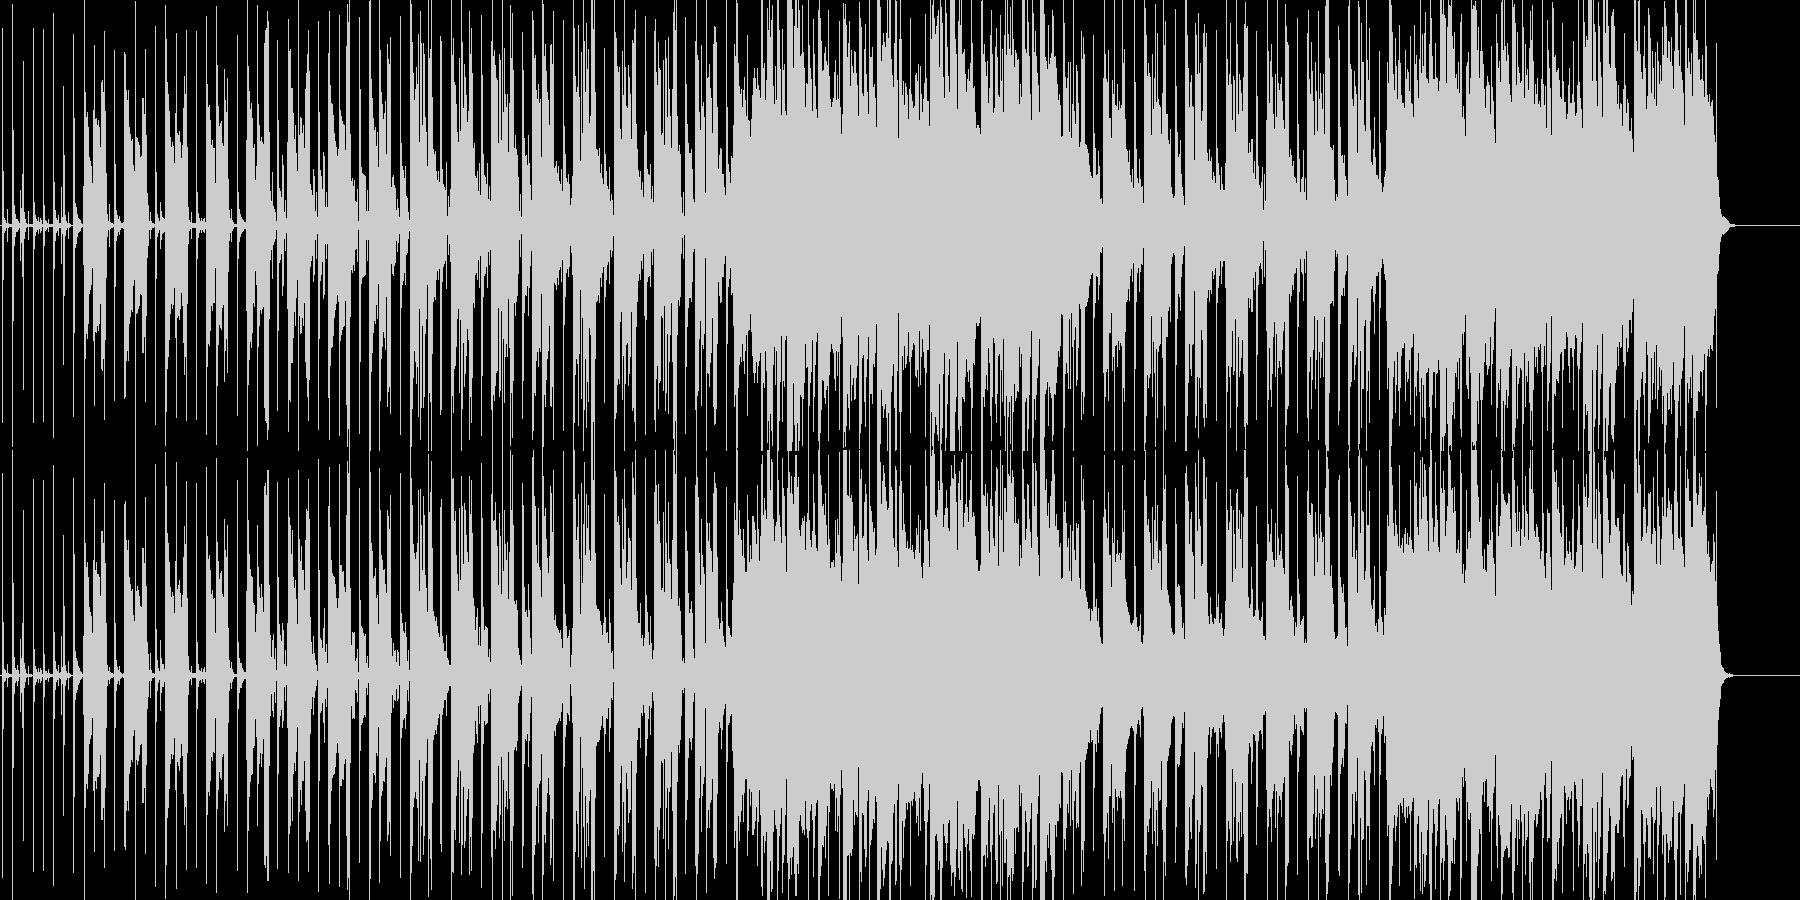 アコギメインのシンプルなポップスの未再生の波形